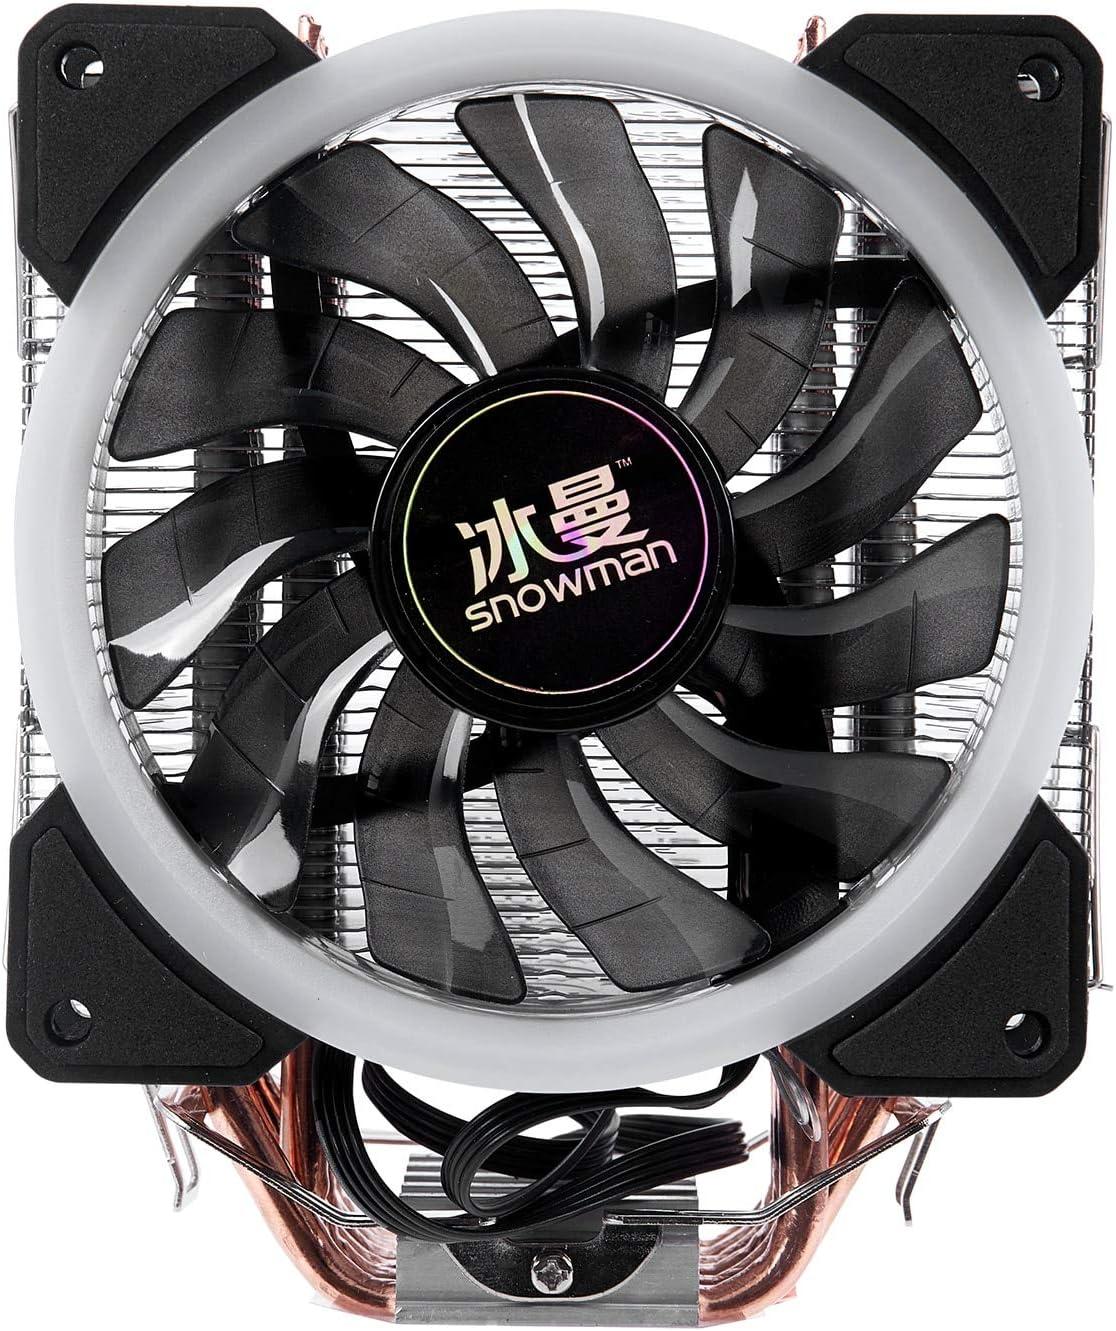 New 4 in1 CPU Cooler Fan Bracket heatsink Holder Base for 775 1366 1150 1155 1156 Computer Accessories Fan heatsink